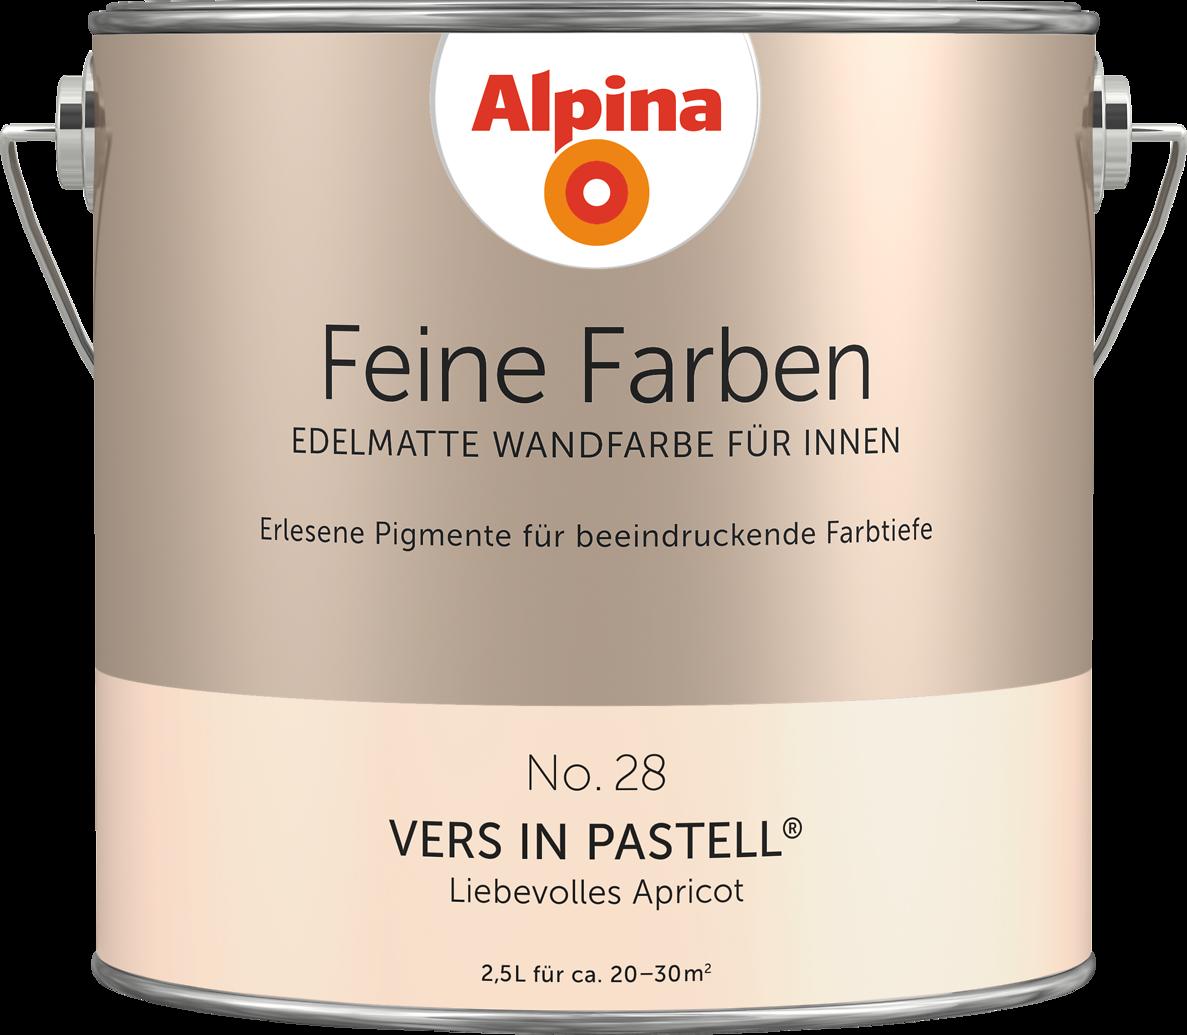 Alpina Feine Farben No. 28 U201eVERS IN PASTELLu201c   Liebevolles Apricot